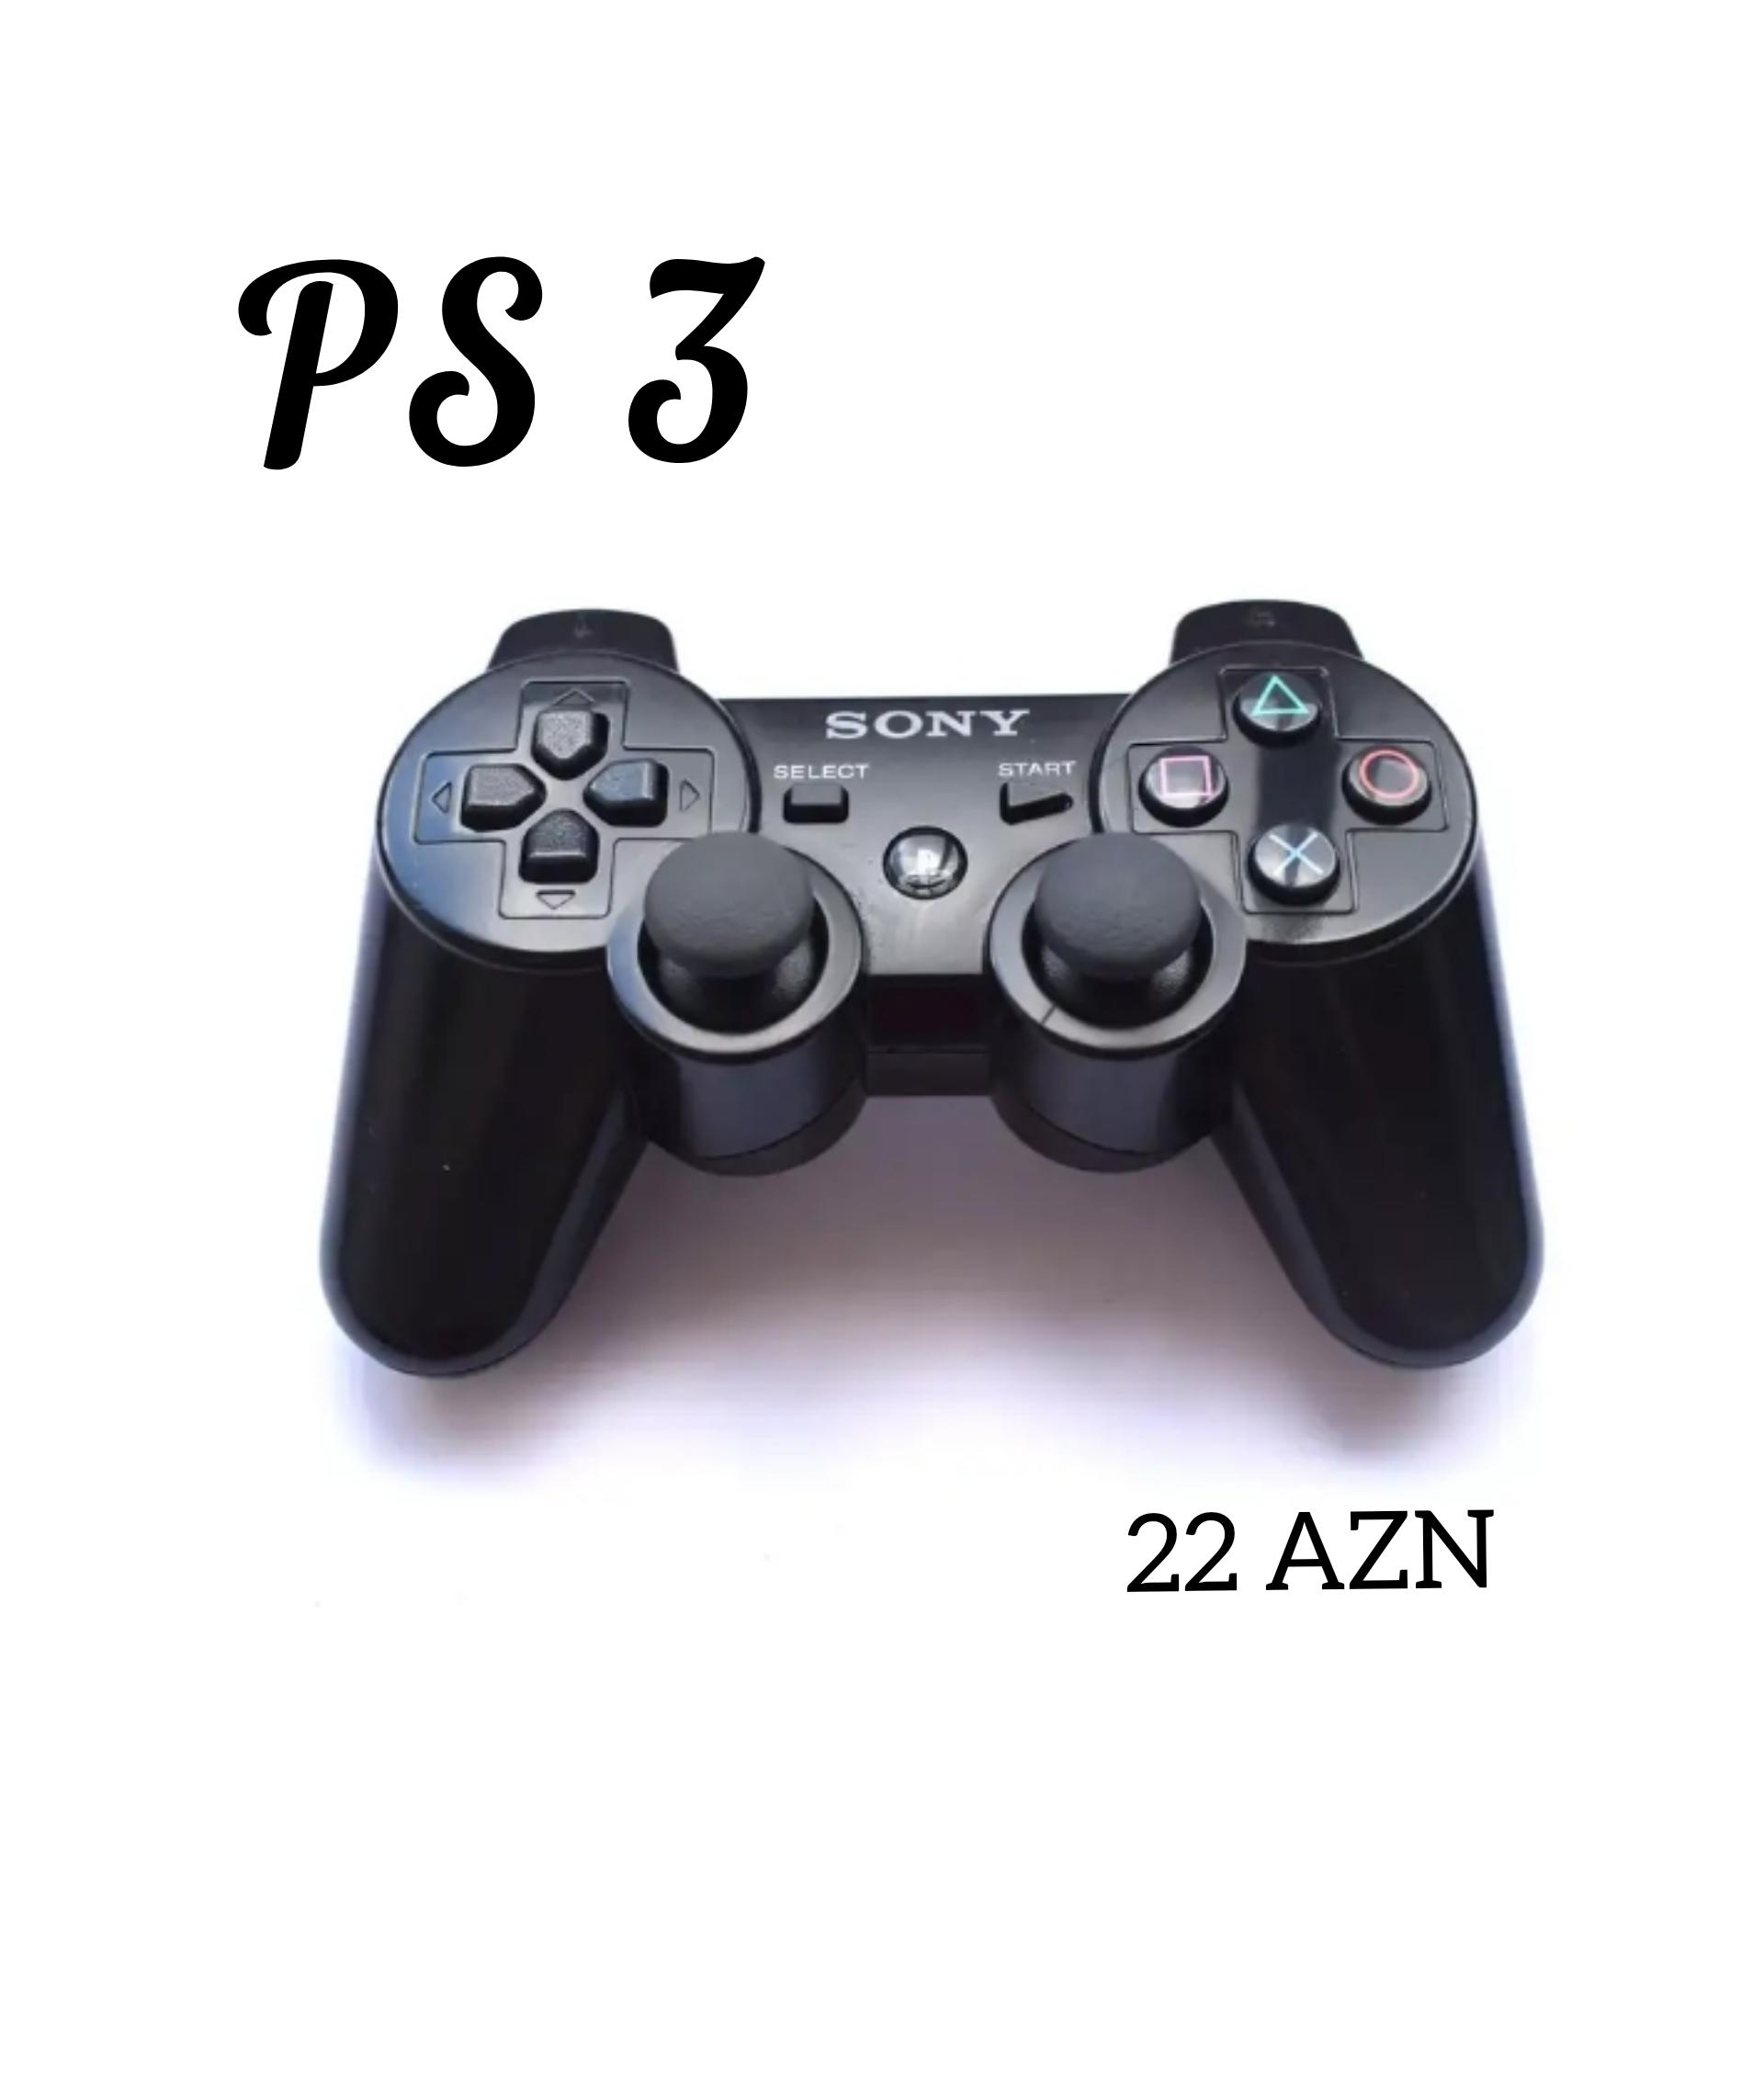 PS 3 Oyunu satılır. Qiymət 22 AZN. Ən ucuz və keyfiyyətli